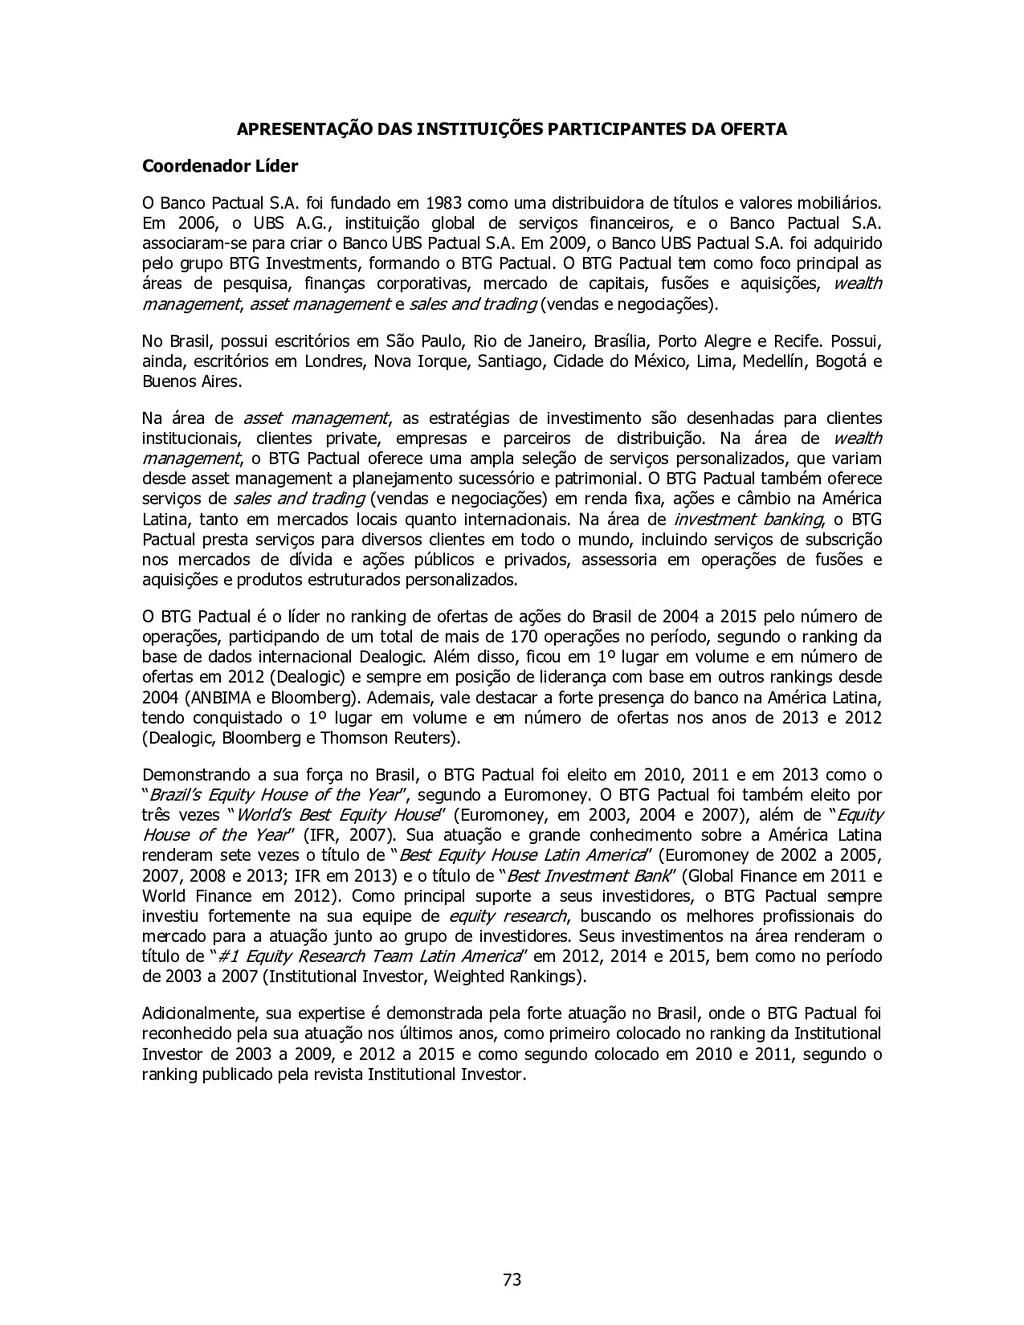 73 APRESENTAÇÃO DAS INSTITUIÇÕES PARTICIPANTES ...